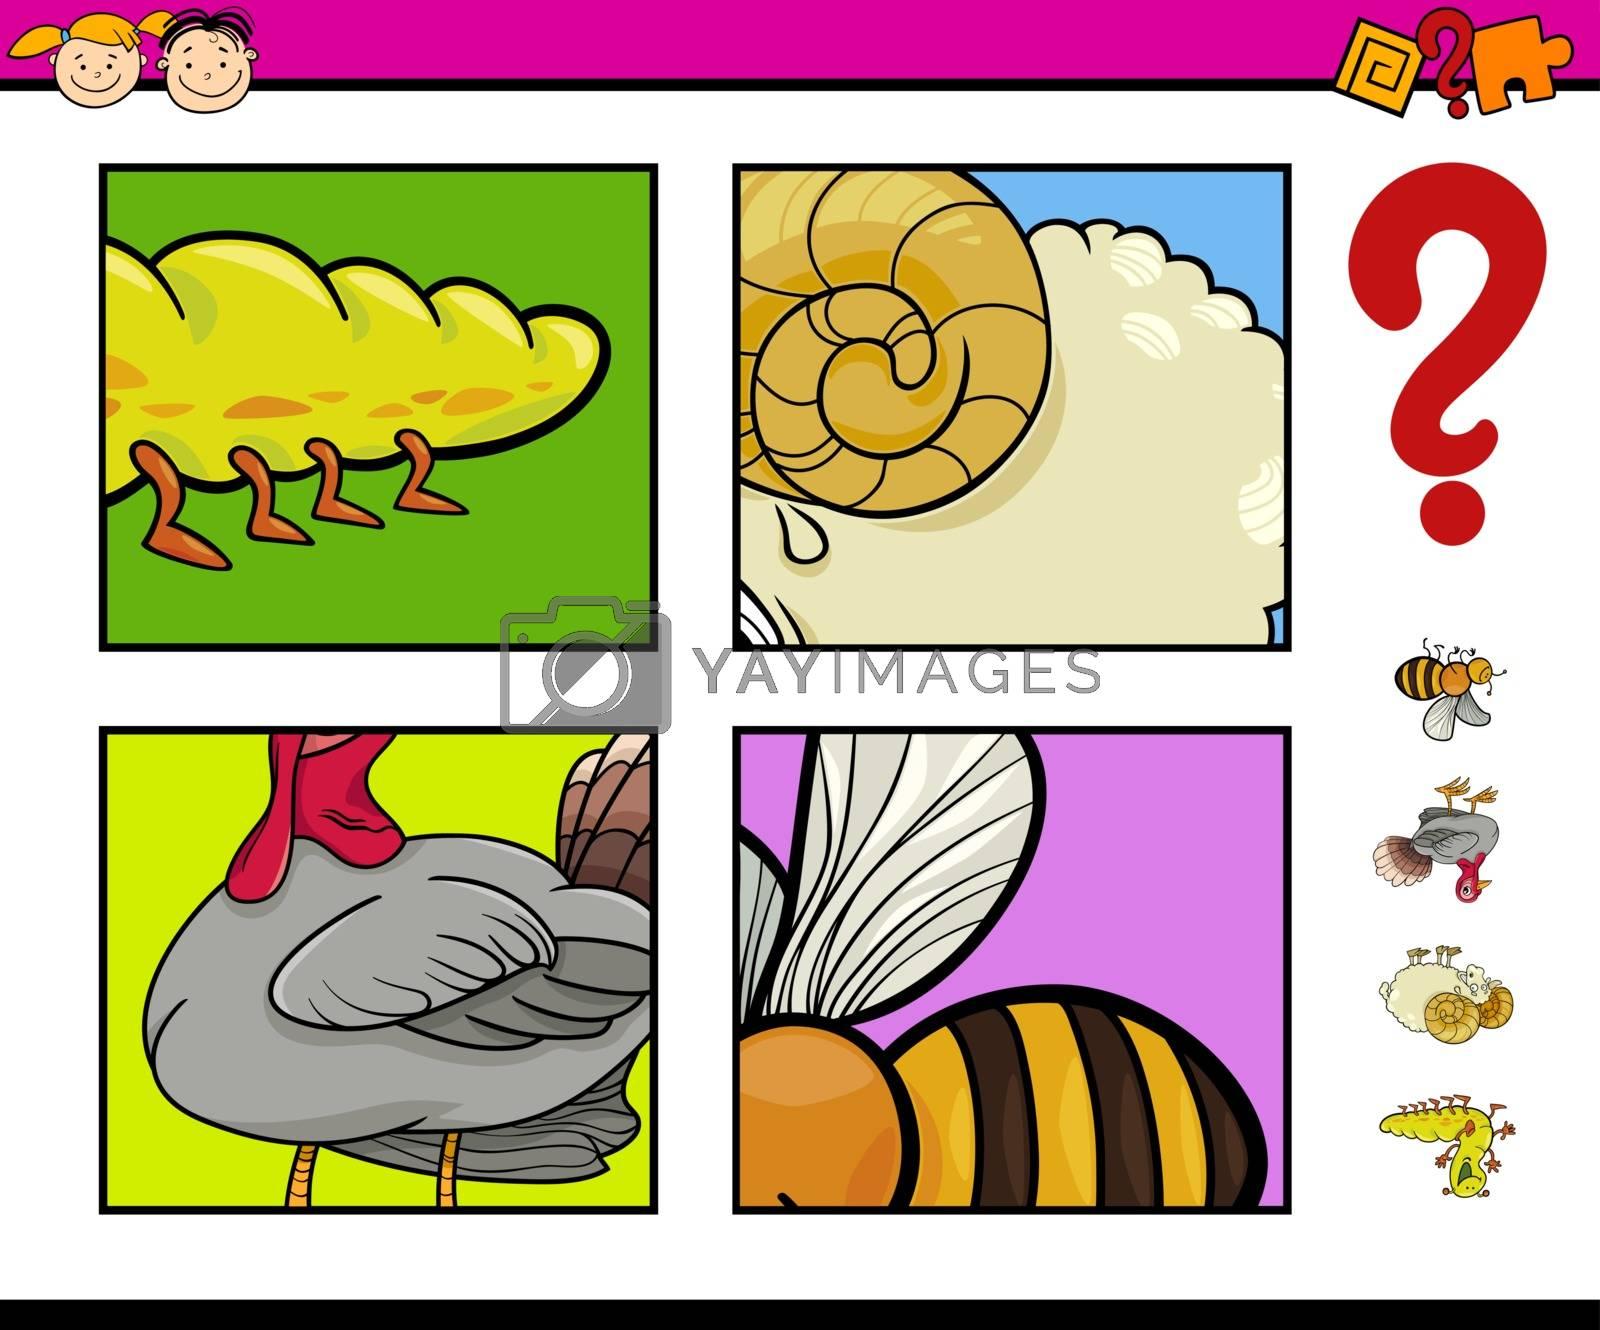 educational game with animals by izakowski